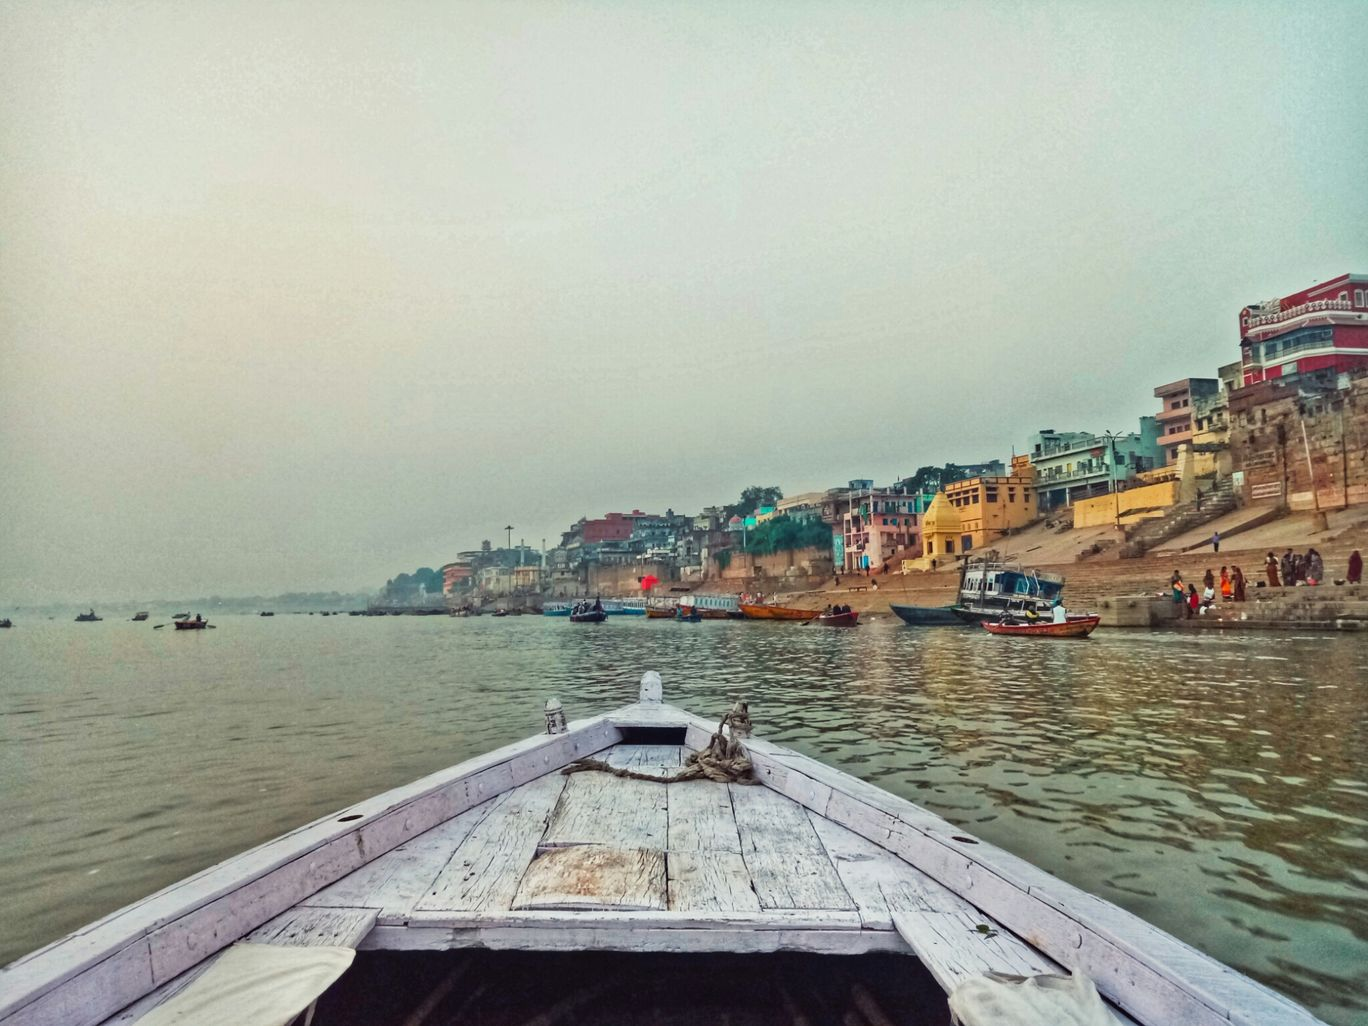 Photo of Varanasi By Shubhangee Vyas